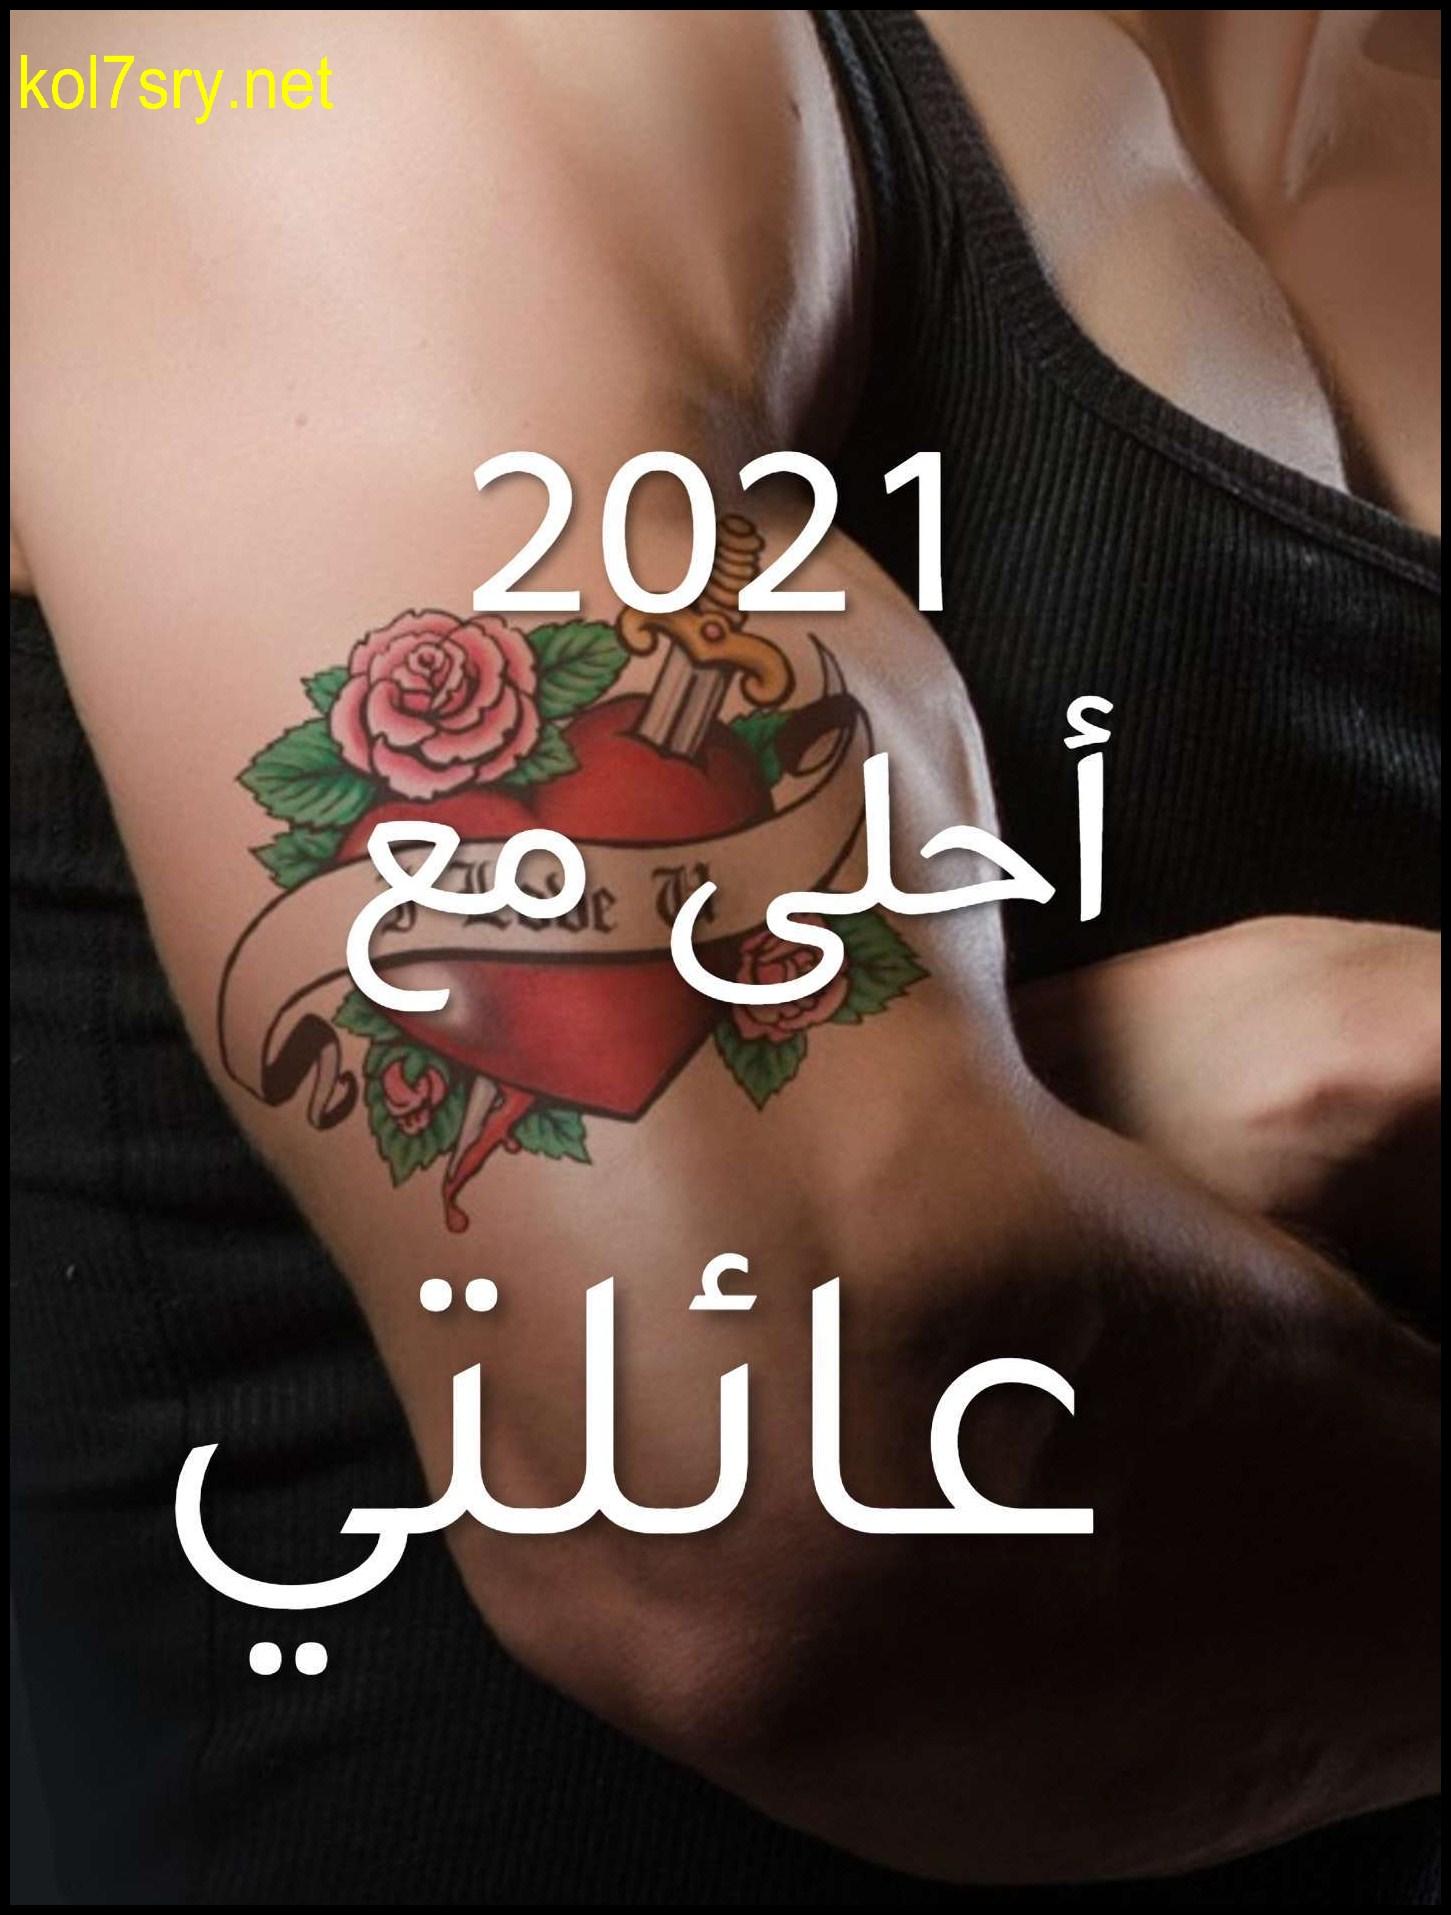 2021 أحلى مع اسمك أجمل 40 صورة HD لعام 2021 احلى مع مجانا اطلب التصميم بالتعليقات 19